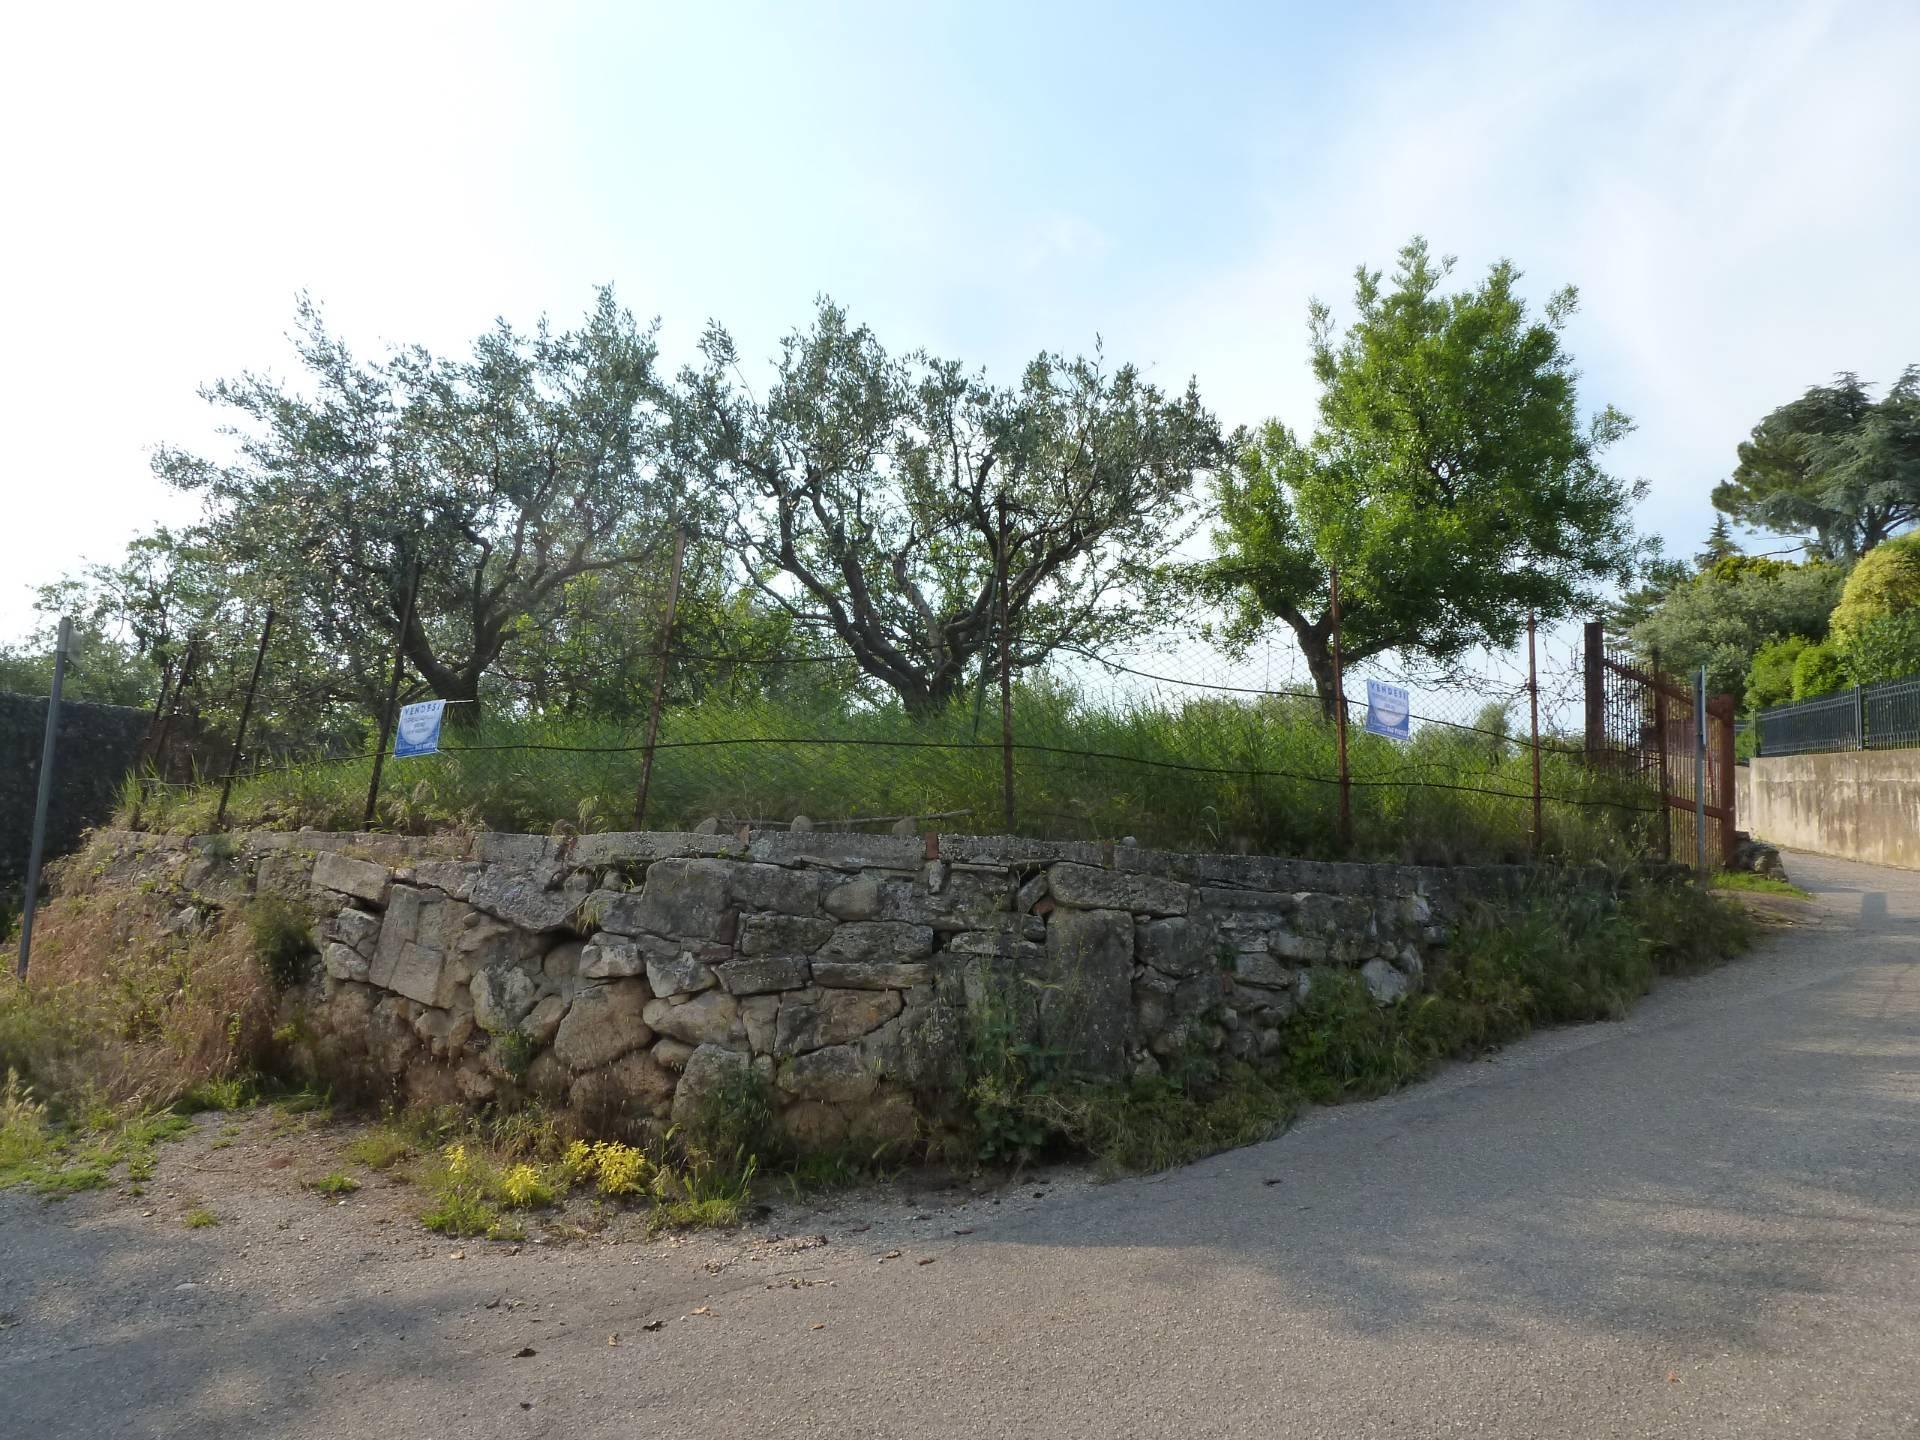 Terreno VERONA vendita  Quinzano  Immobiliare Trento di Fozzato Gianni